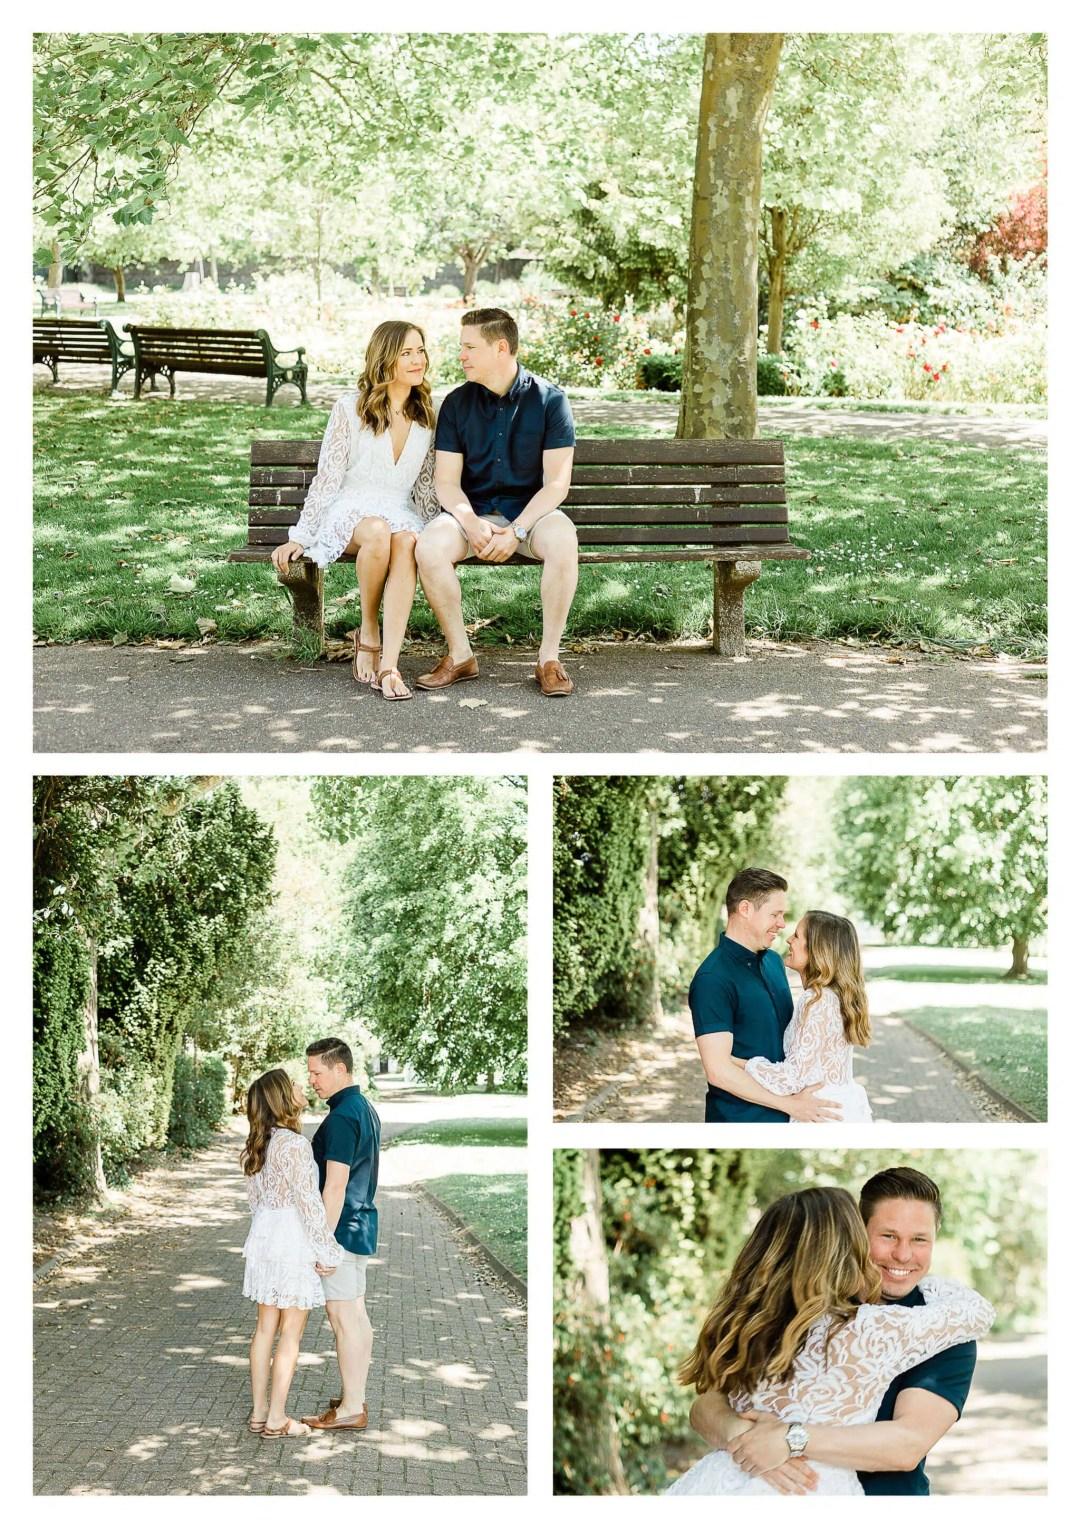 Beach House Park Engagement Photography | Worthing Wedding Photographer